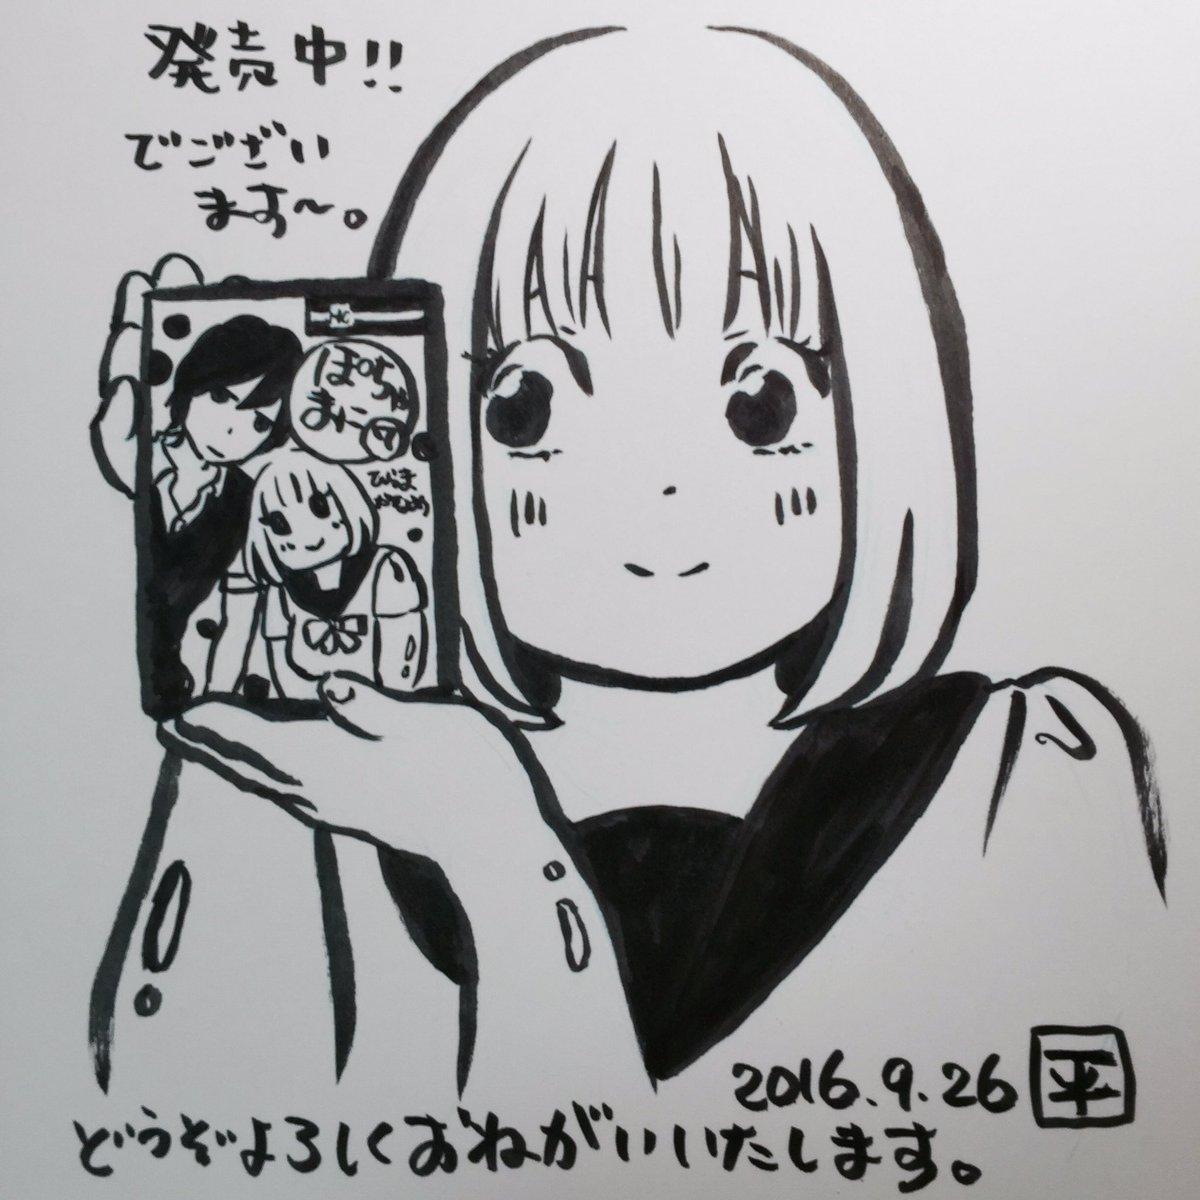 今日は26日ですね〜 別冊花とゆめ11月号発売ですよ!  高尾先生のね、付録がね、とっても素敵なのですよ!  ついでに、ぽちゃまに43話も載ってますよ〜  よろしくお願いいたします☆